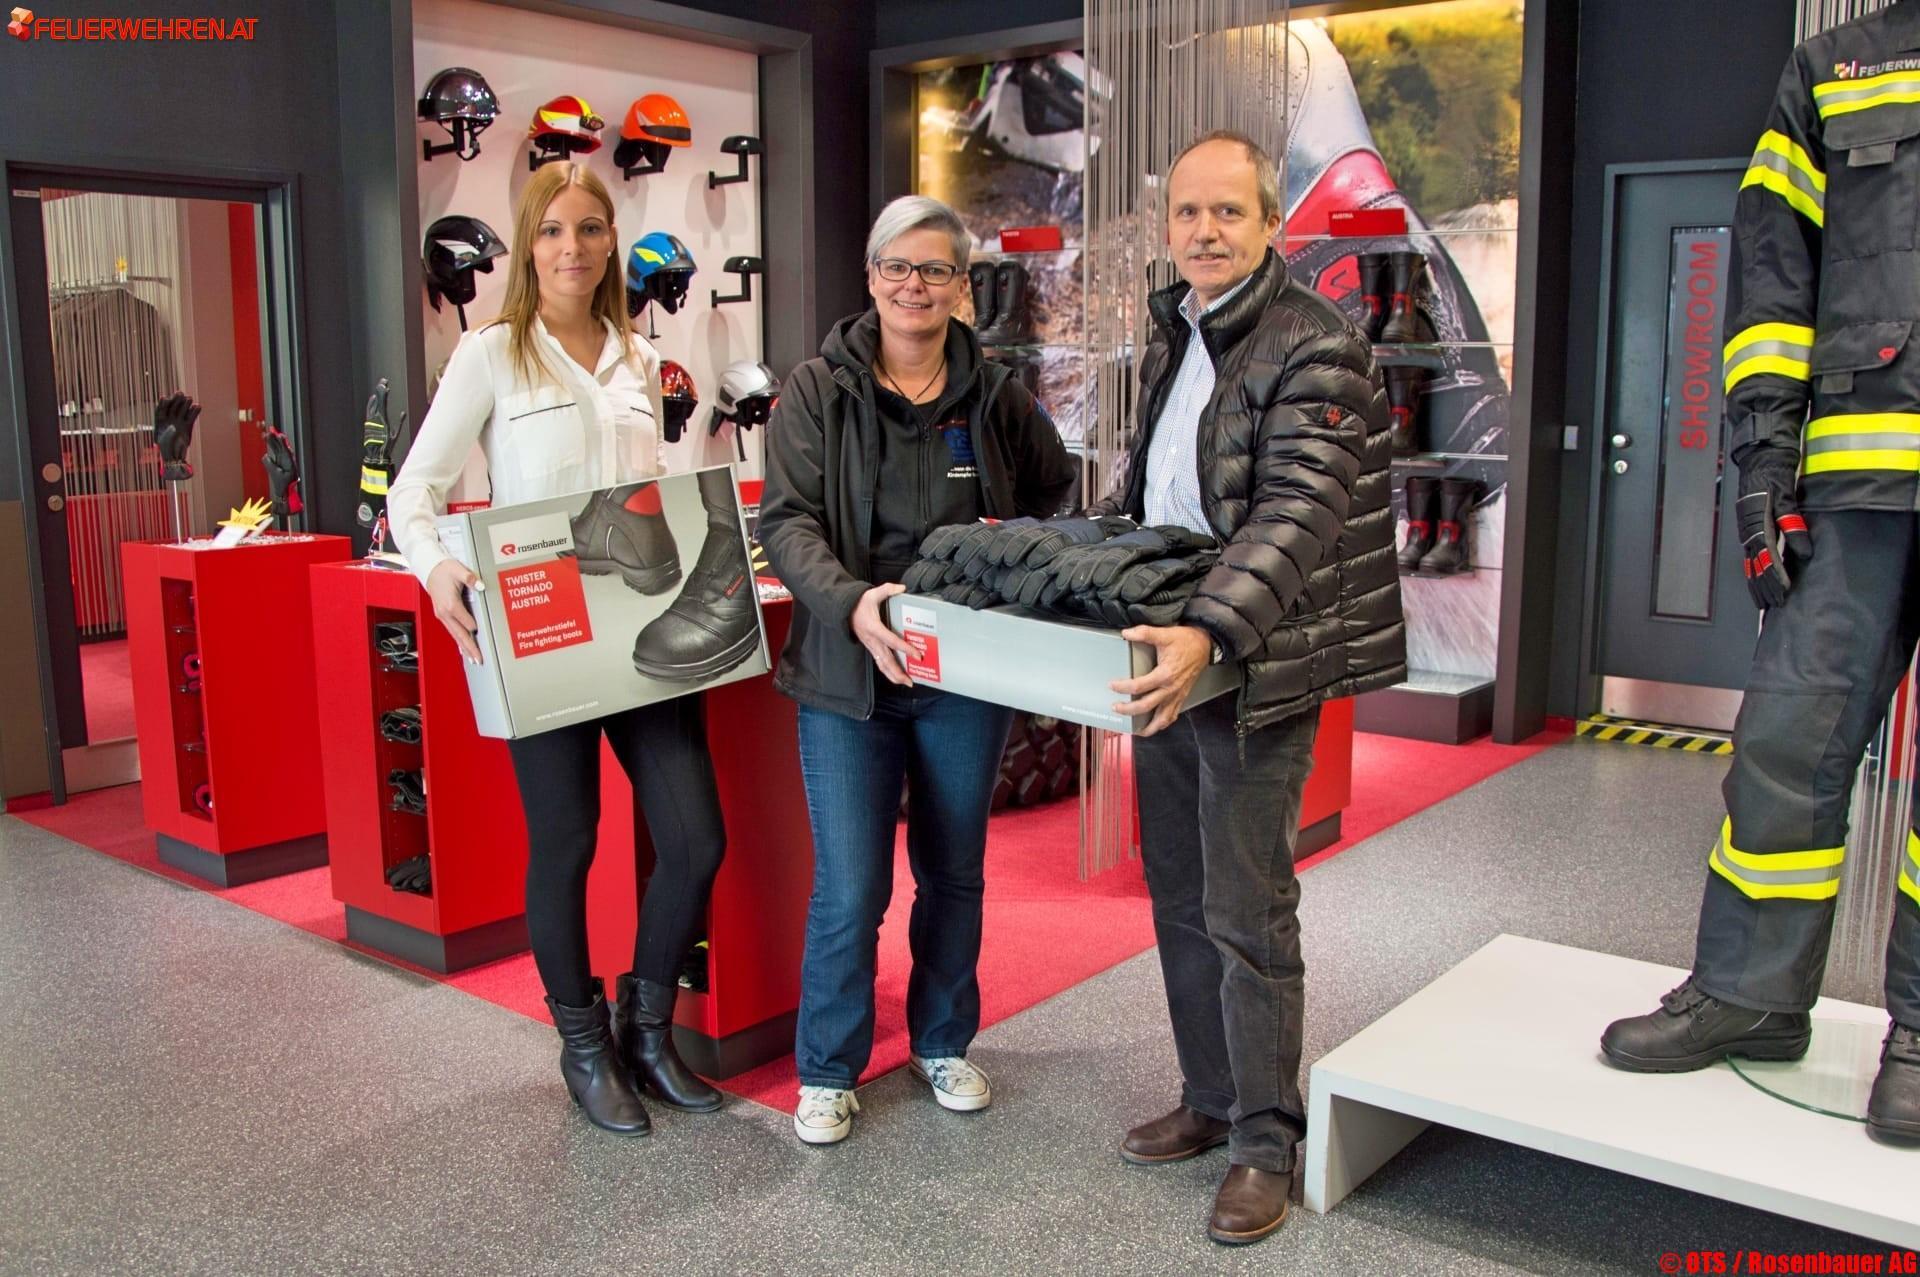 OTS / Rosenbauer AG